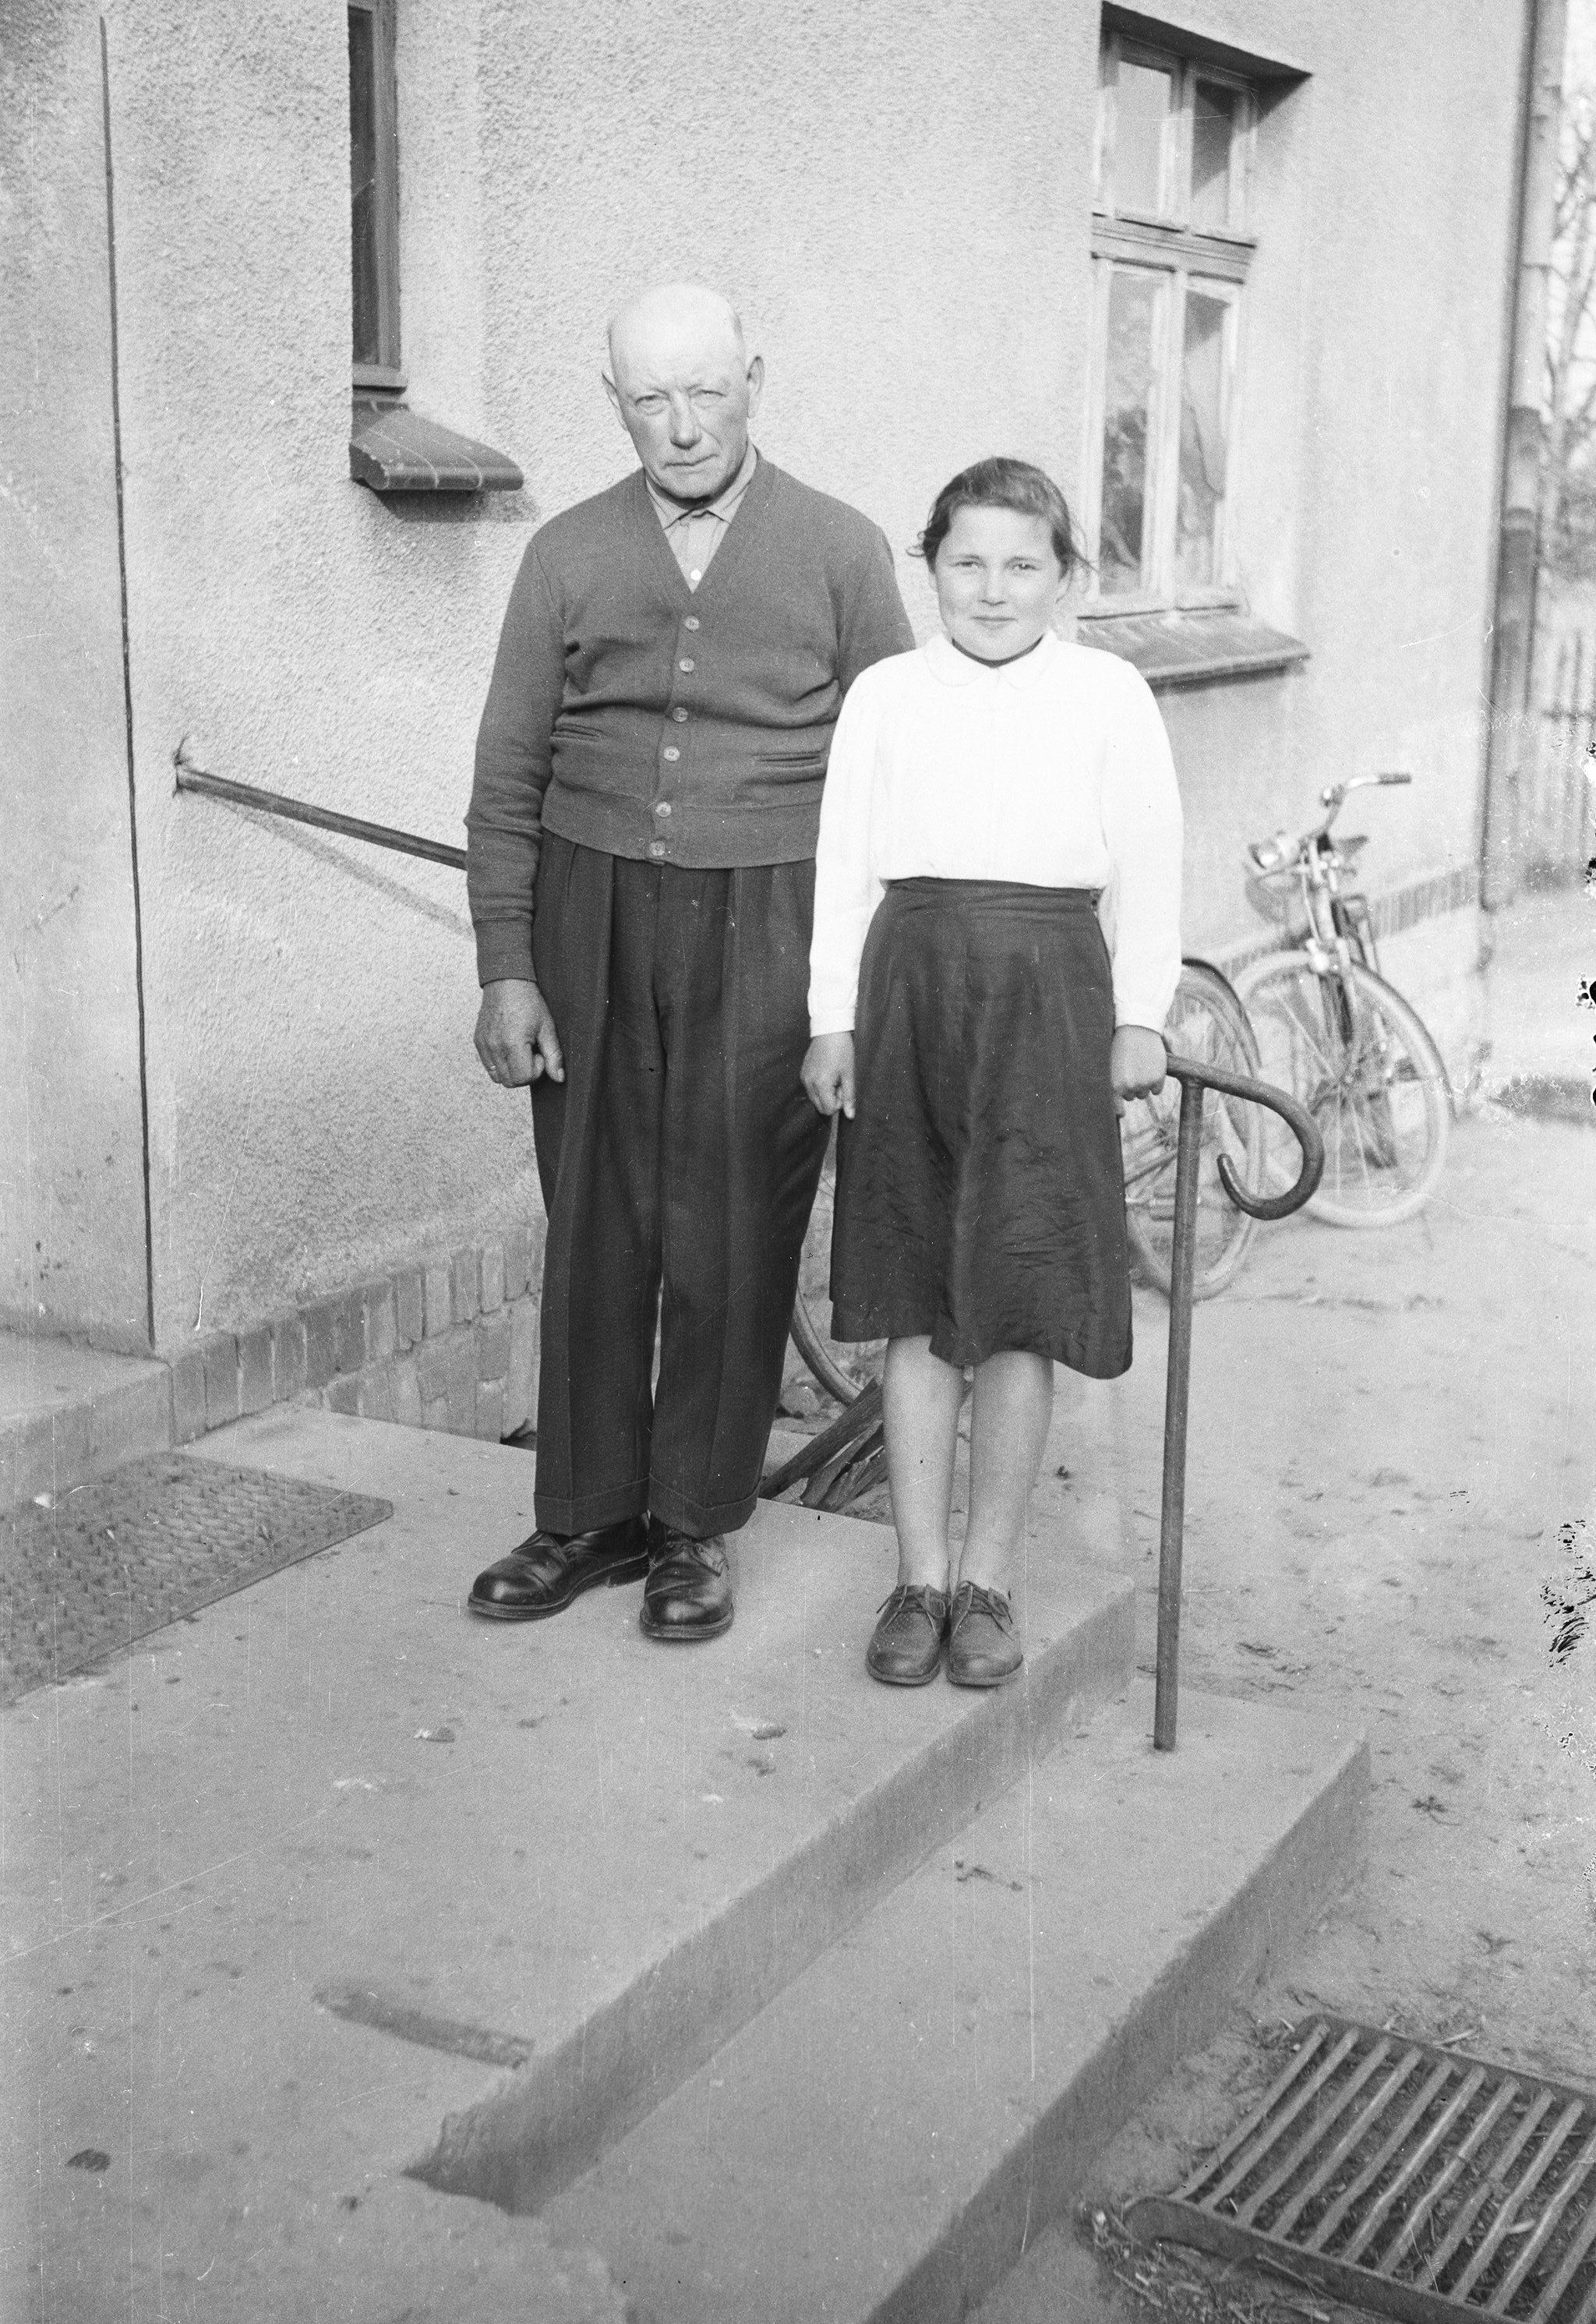 Rodzina Sybiraków, Brzózka, Dolny Śląsk, lata 50. XX w.